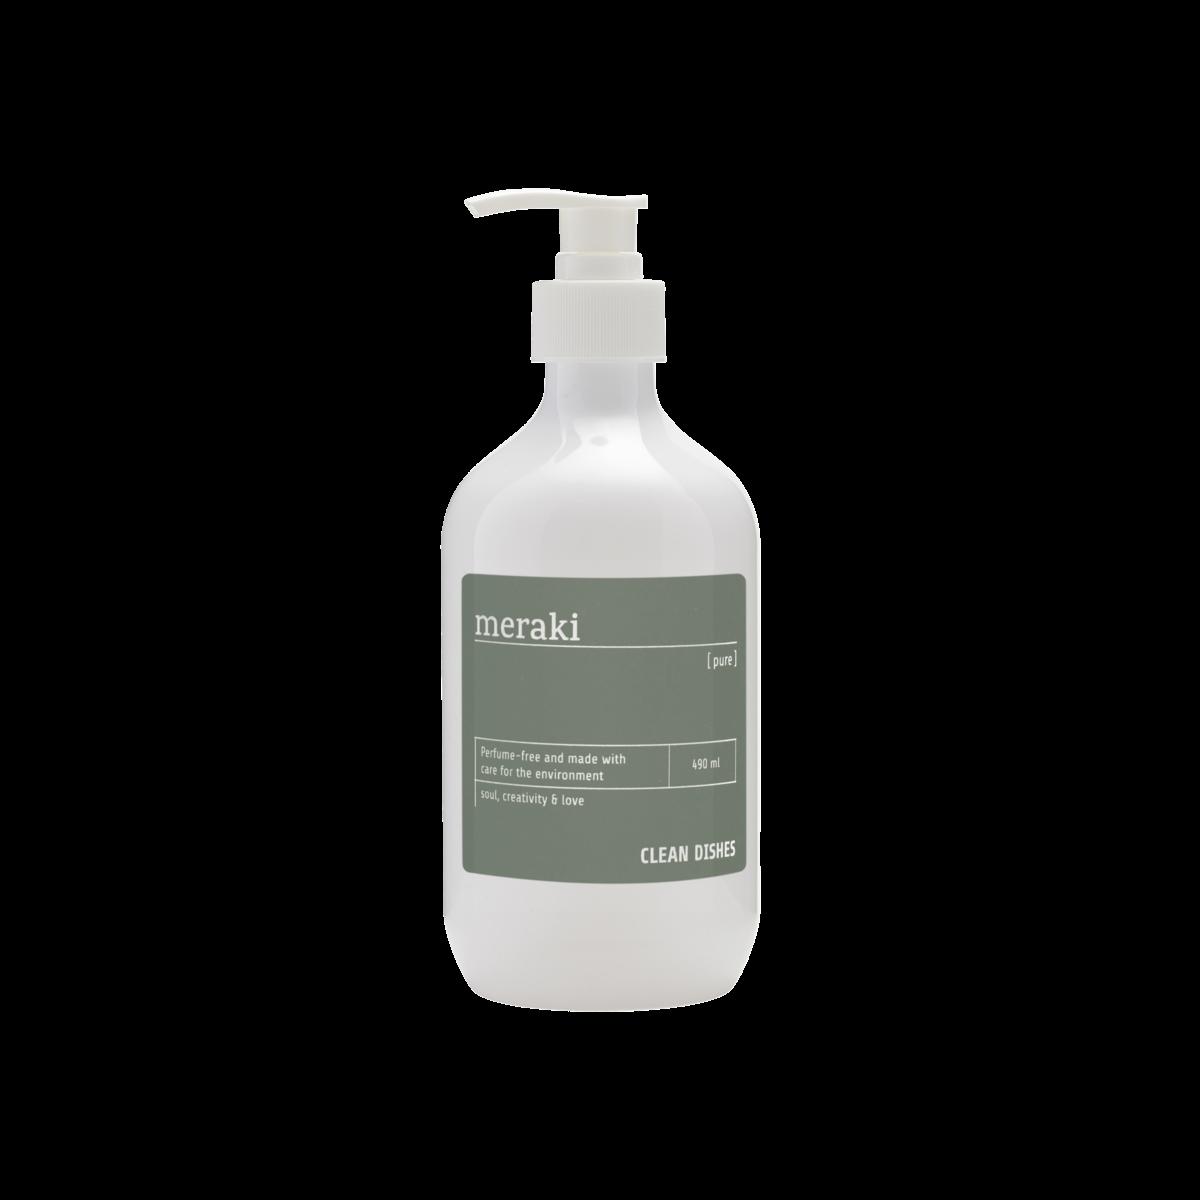 Meraki - Pure Dish Soap 490 ml (Mkas99/309770099)